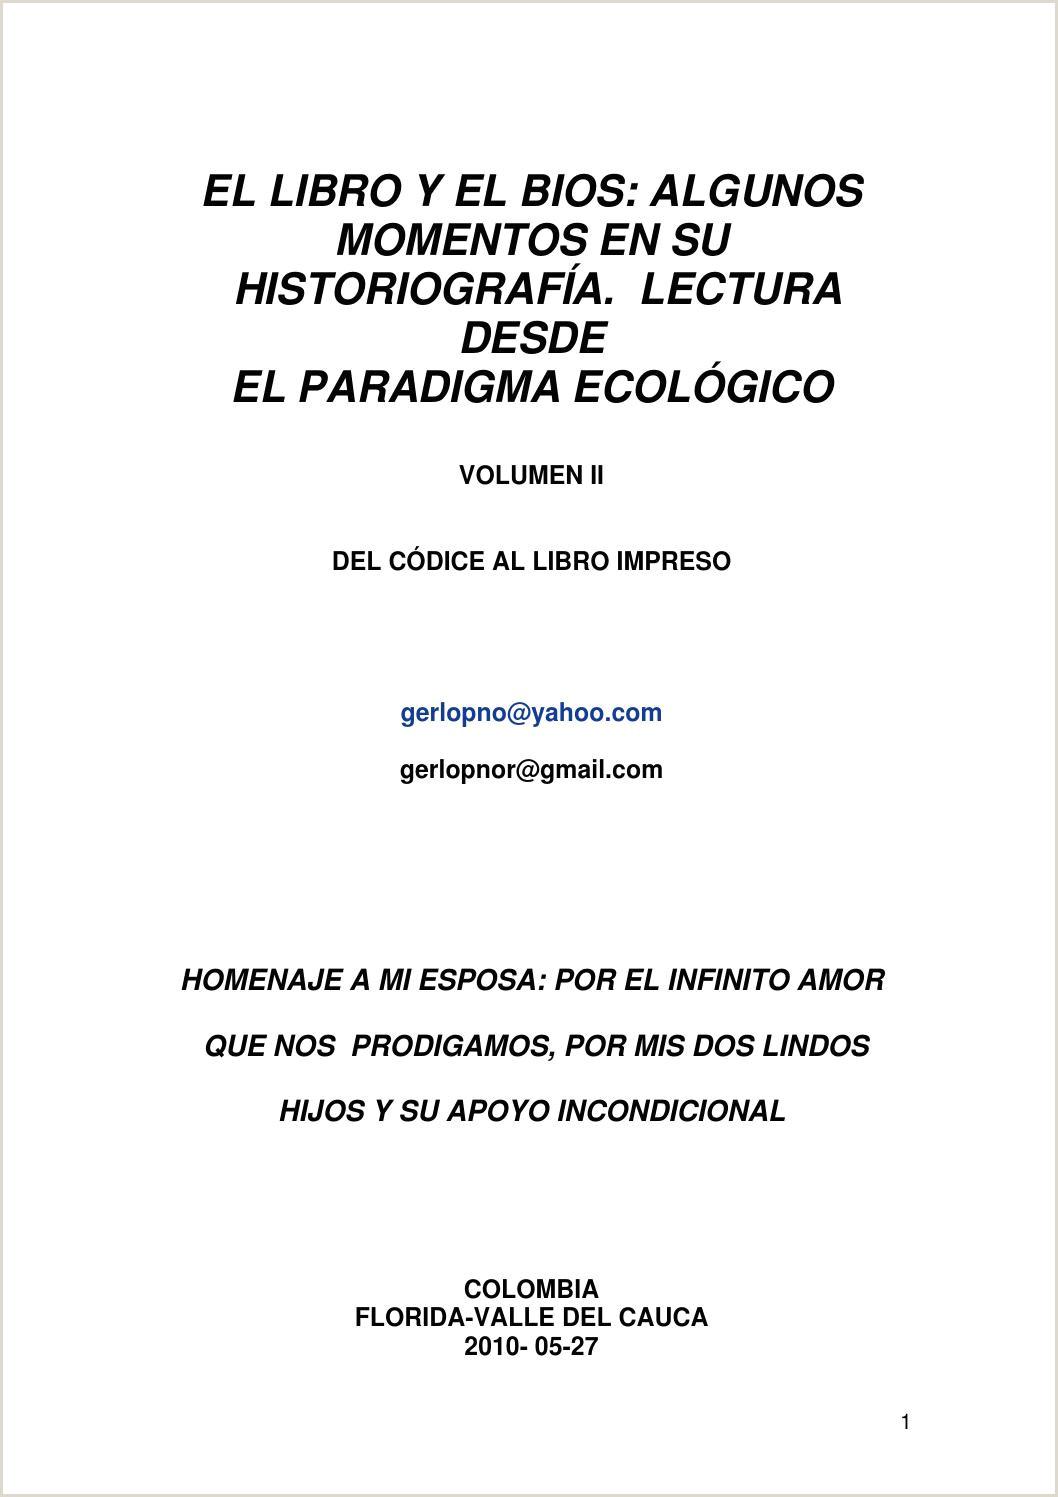 El libro y el Bios Algunos momentos en su historiografa